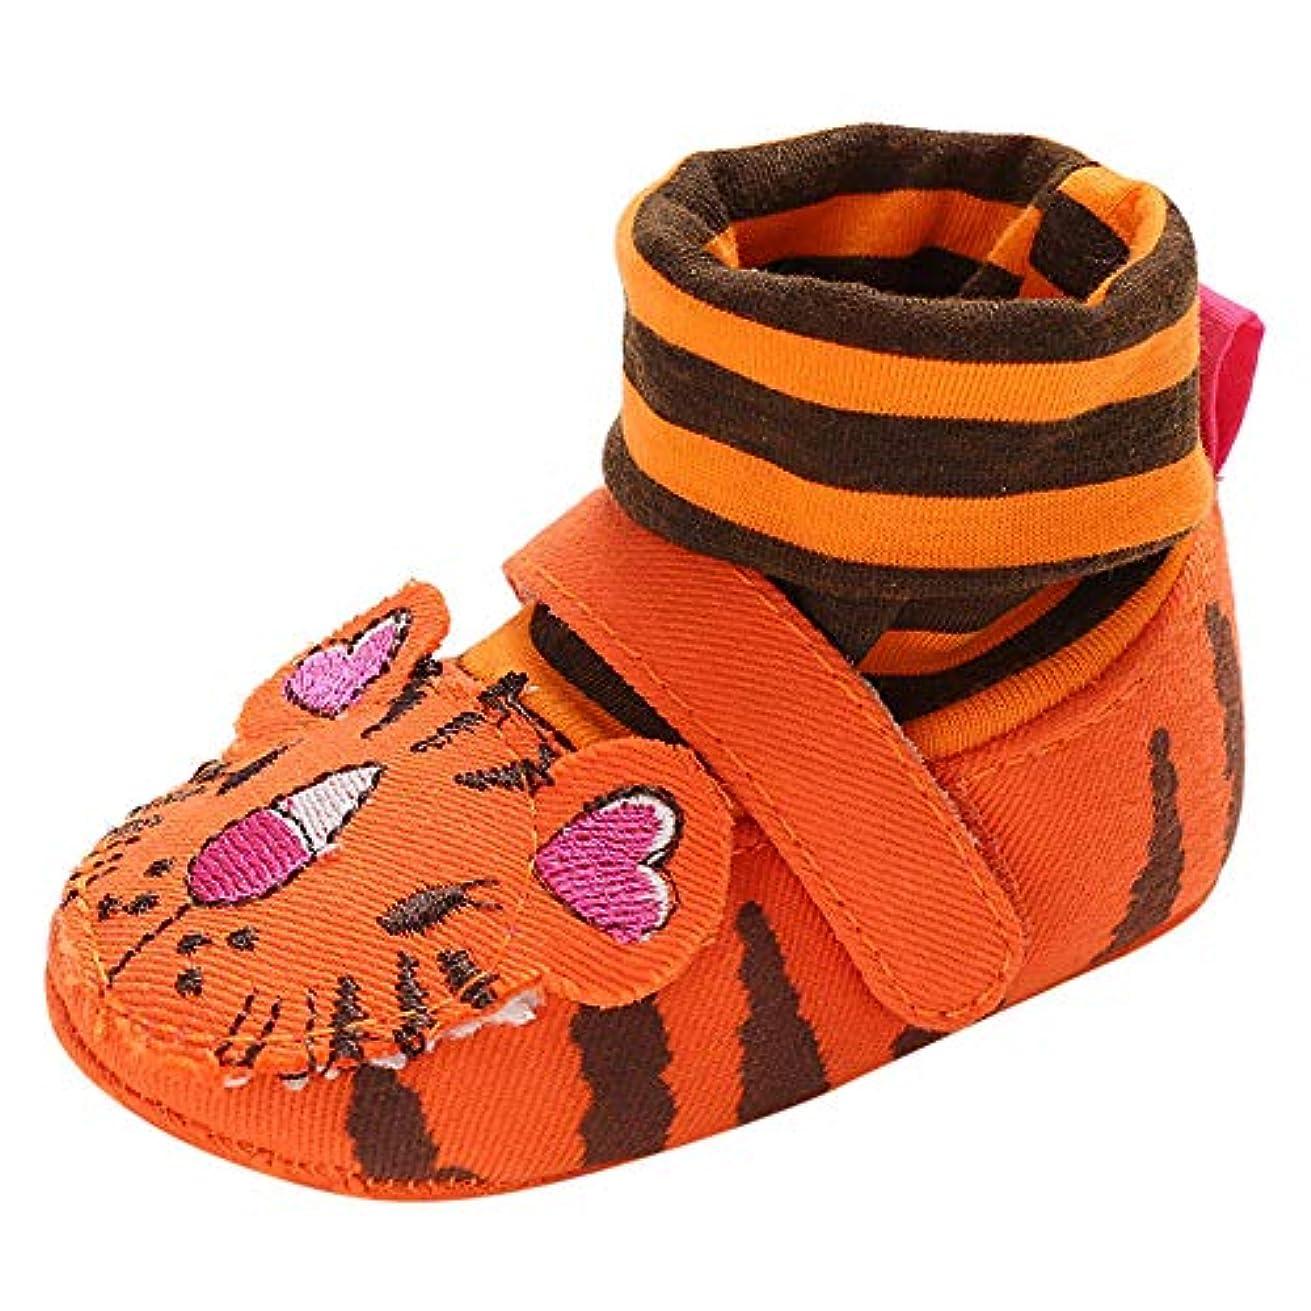 エンジン一般的に言えば慈善子供靴 Hosam かわいい 漫画 動物 ソックスシューズ ベビーフィート ベビーシューズ スニーカー baby feet 赤ちゃん靴 フォーマルベビーシューズ ファーストシューズ 女の子 男の子 歩行練習 履き心地いい...